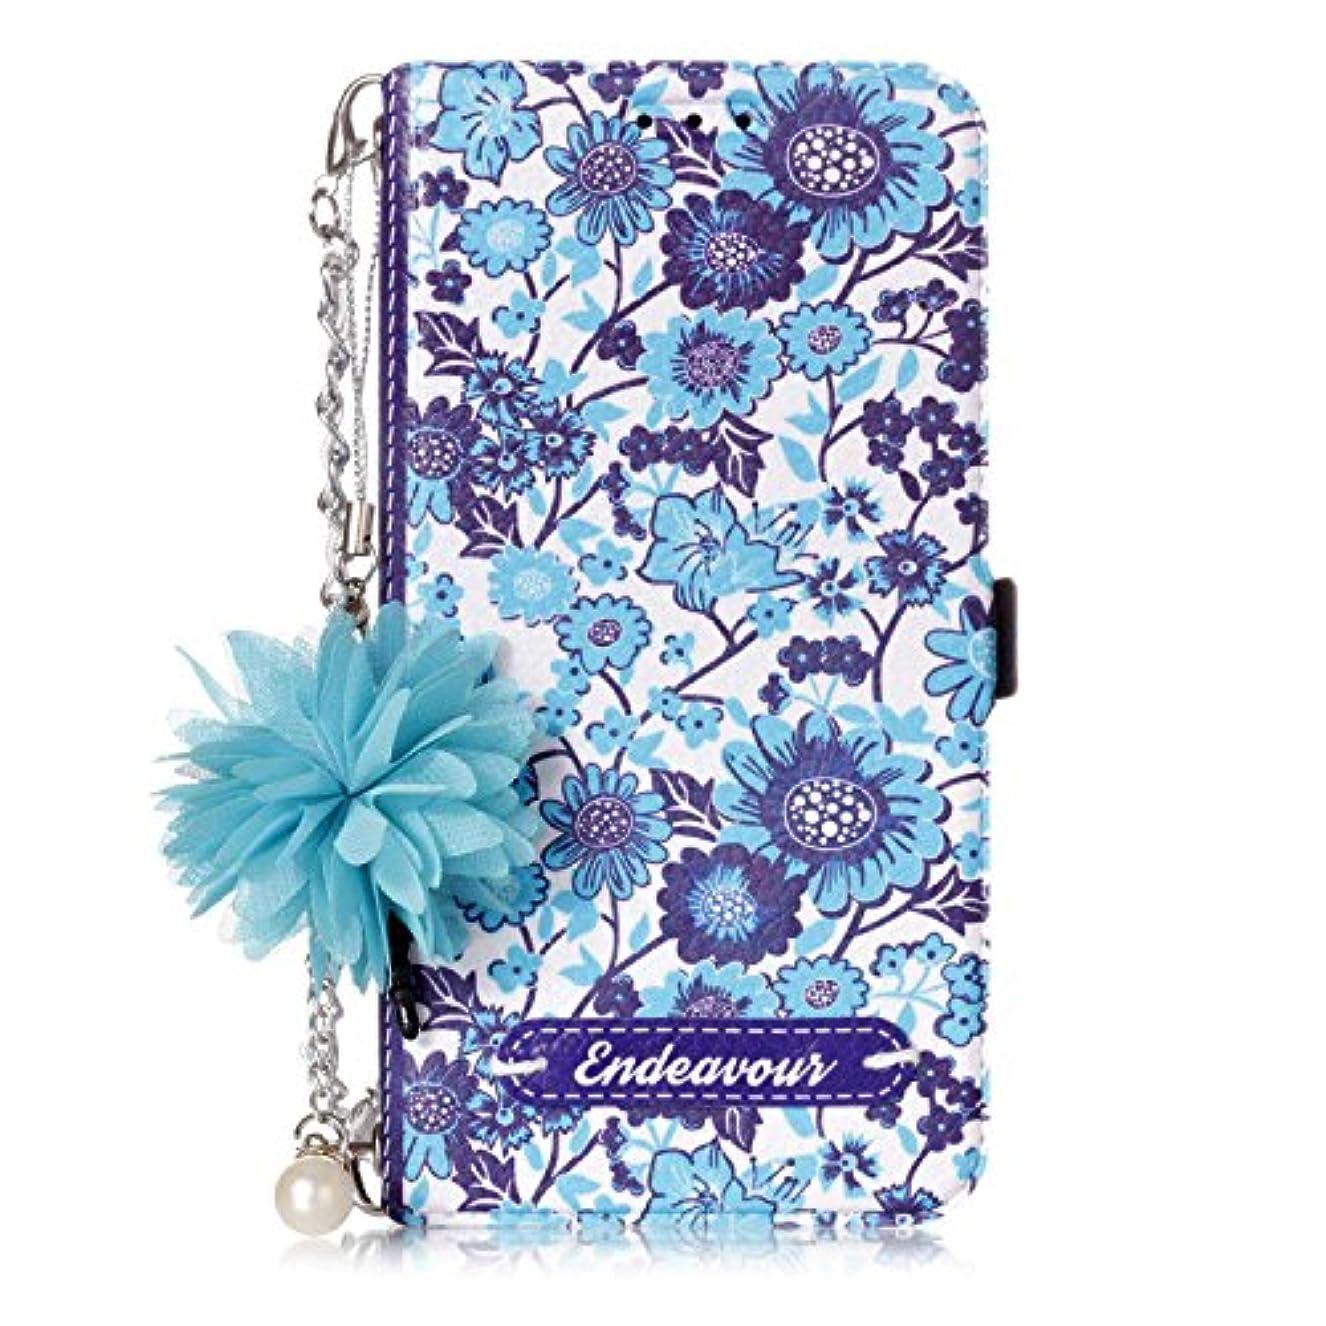 ラインサスペンドポールOMATENTI Galaxy S6 Edge ケース, 簡約風 軽量 PU レザー 財布型 カバー ケース, こがら 花柄 人気 かわいい レディース用 ケース ザー カード収納 スタンド 機能 マグネット, Galaxy...